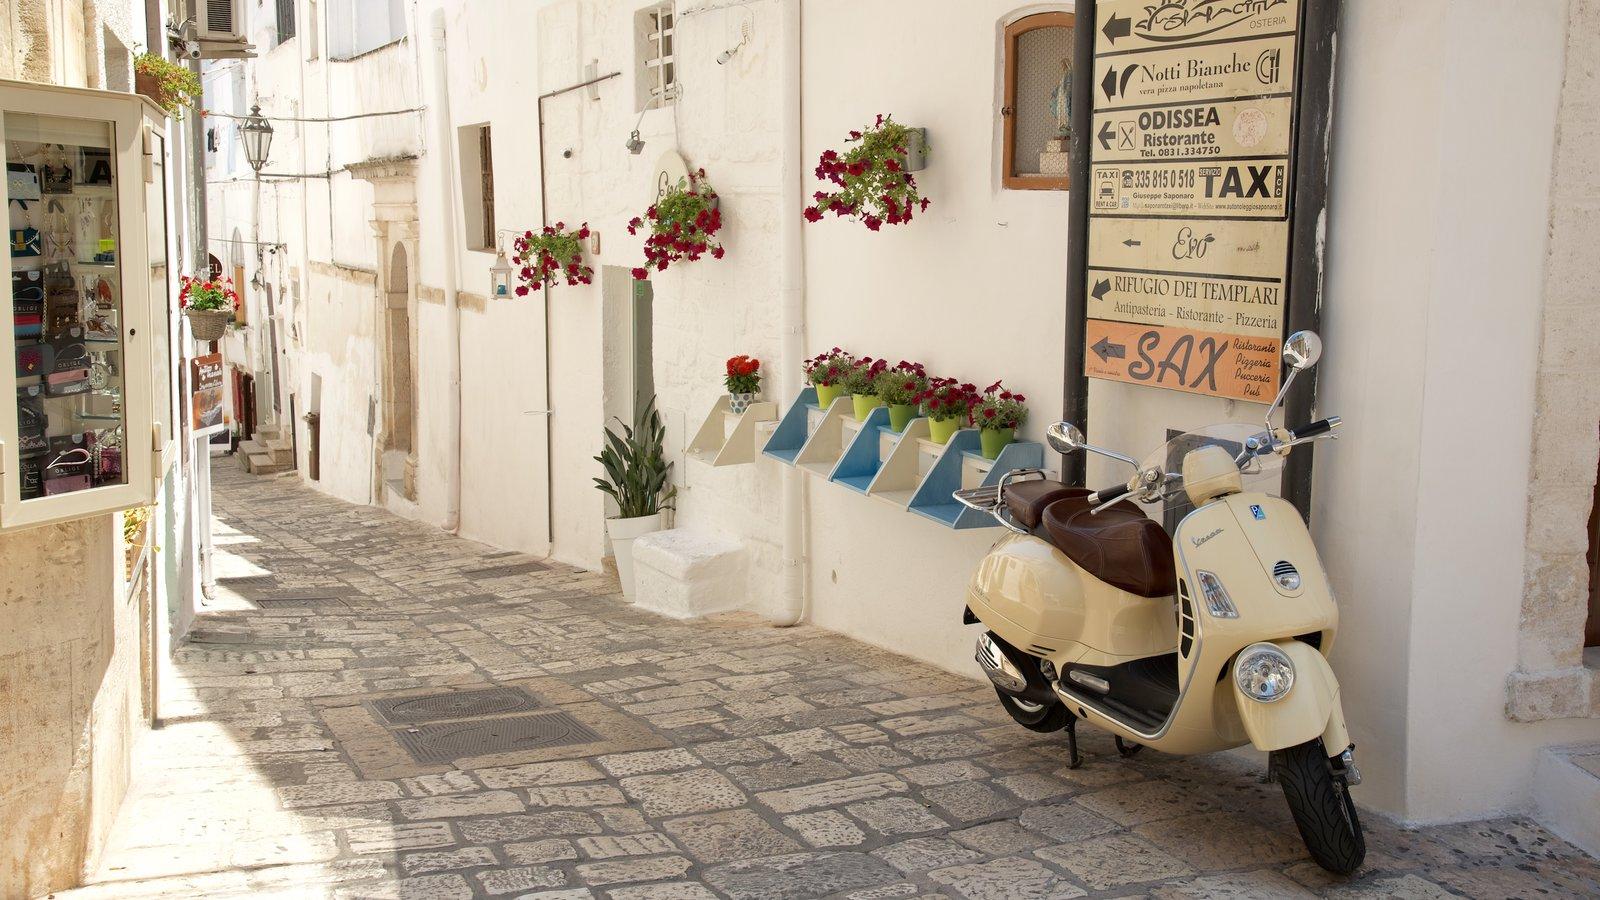 Brindisi showing signage